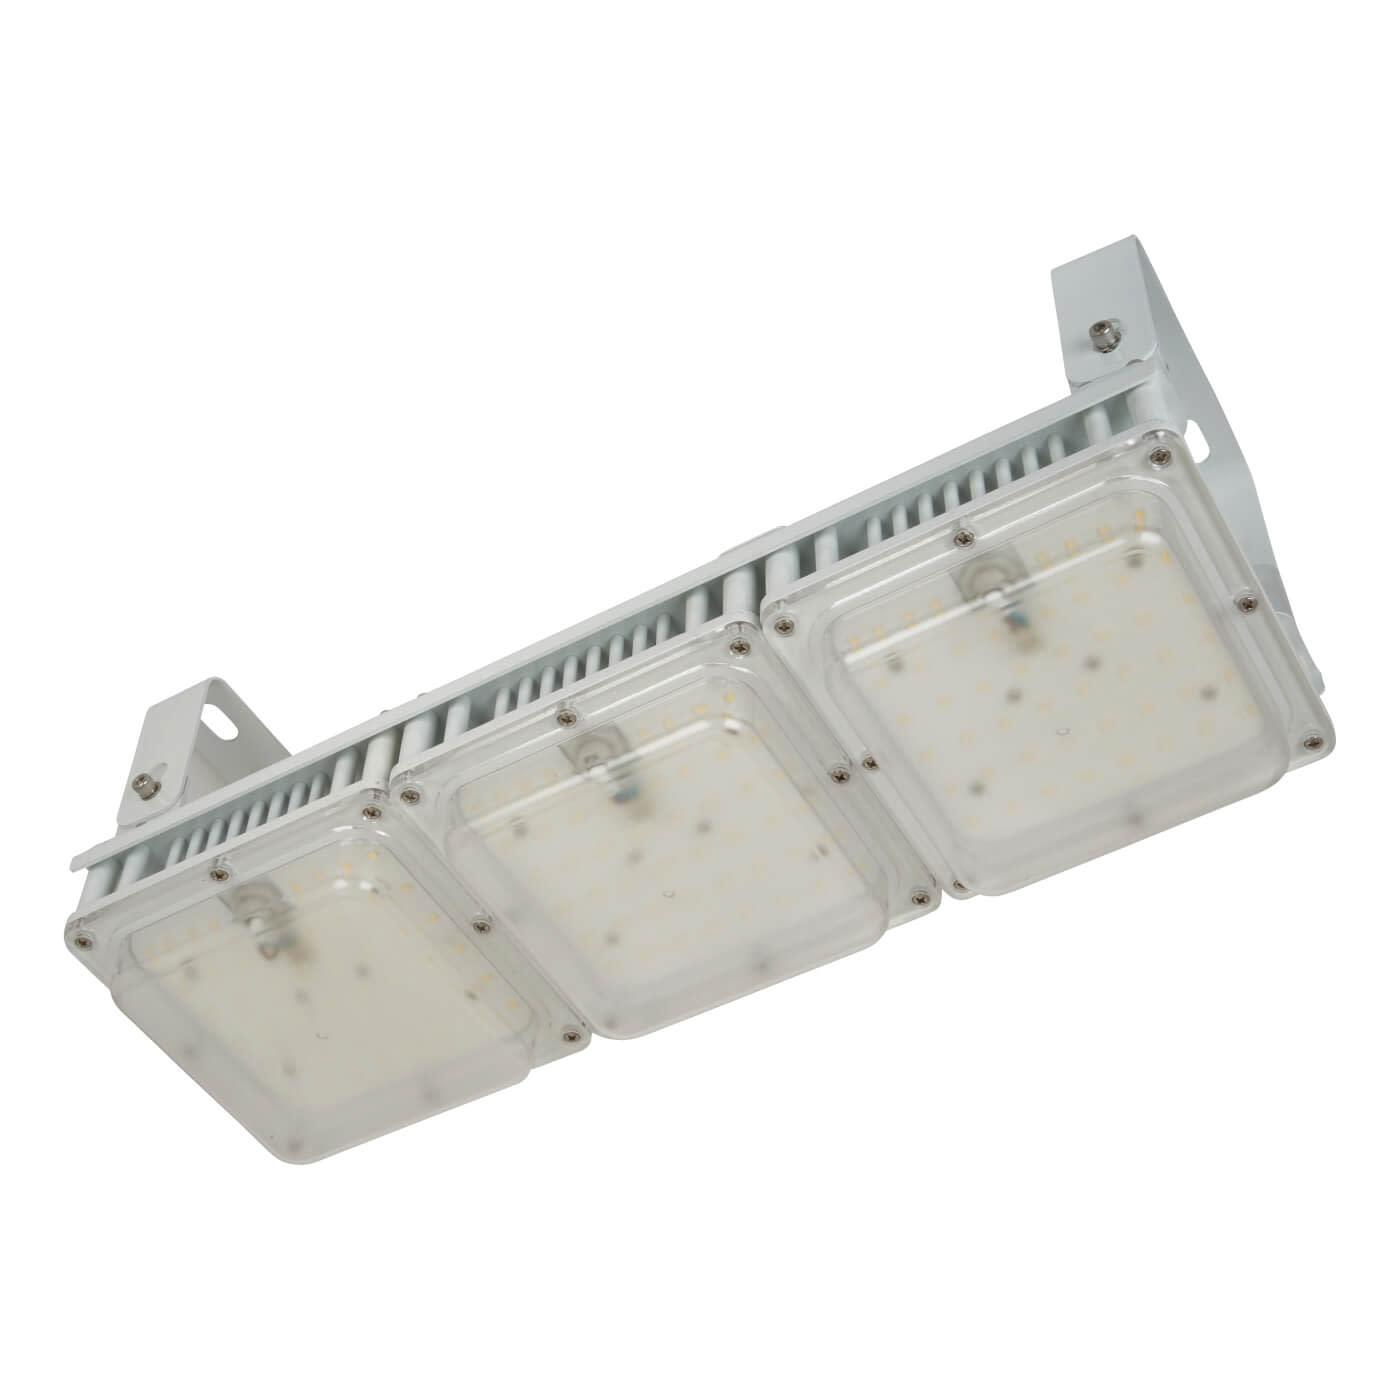 Amitex 150W Modular Low Bay Light - 5700K)